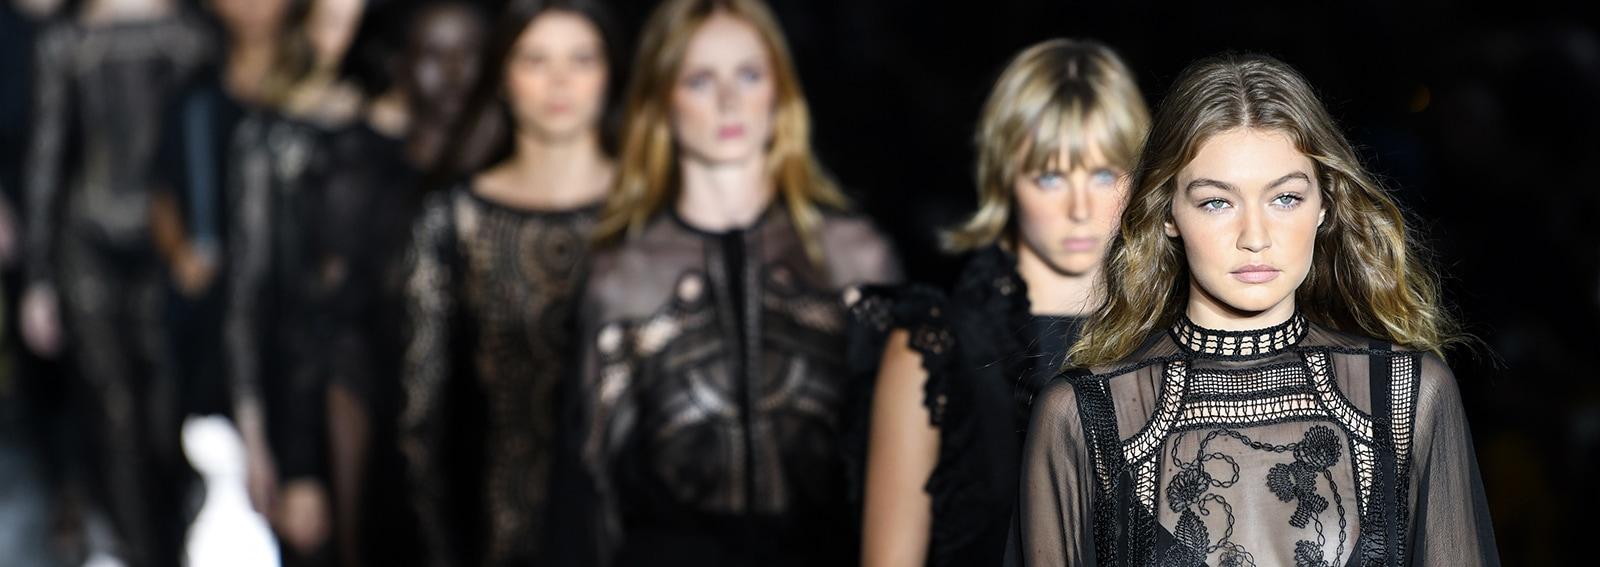 Calendario Sfilate Parigi Settembre 2020.Milano Moda Donna Il Calendario Sfilate Autunno Inverno